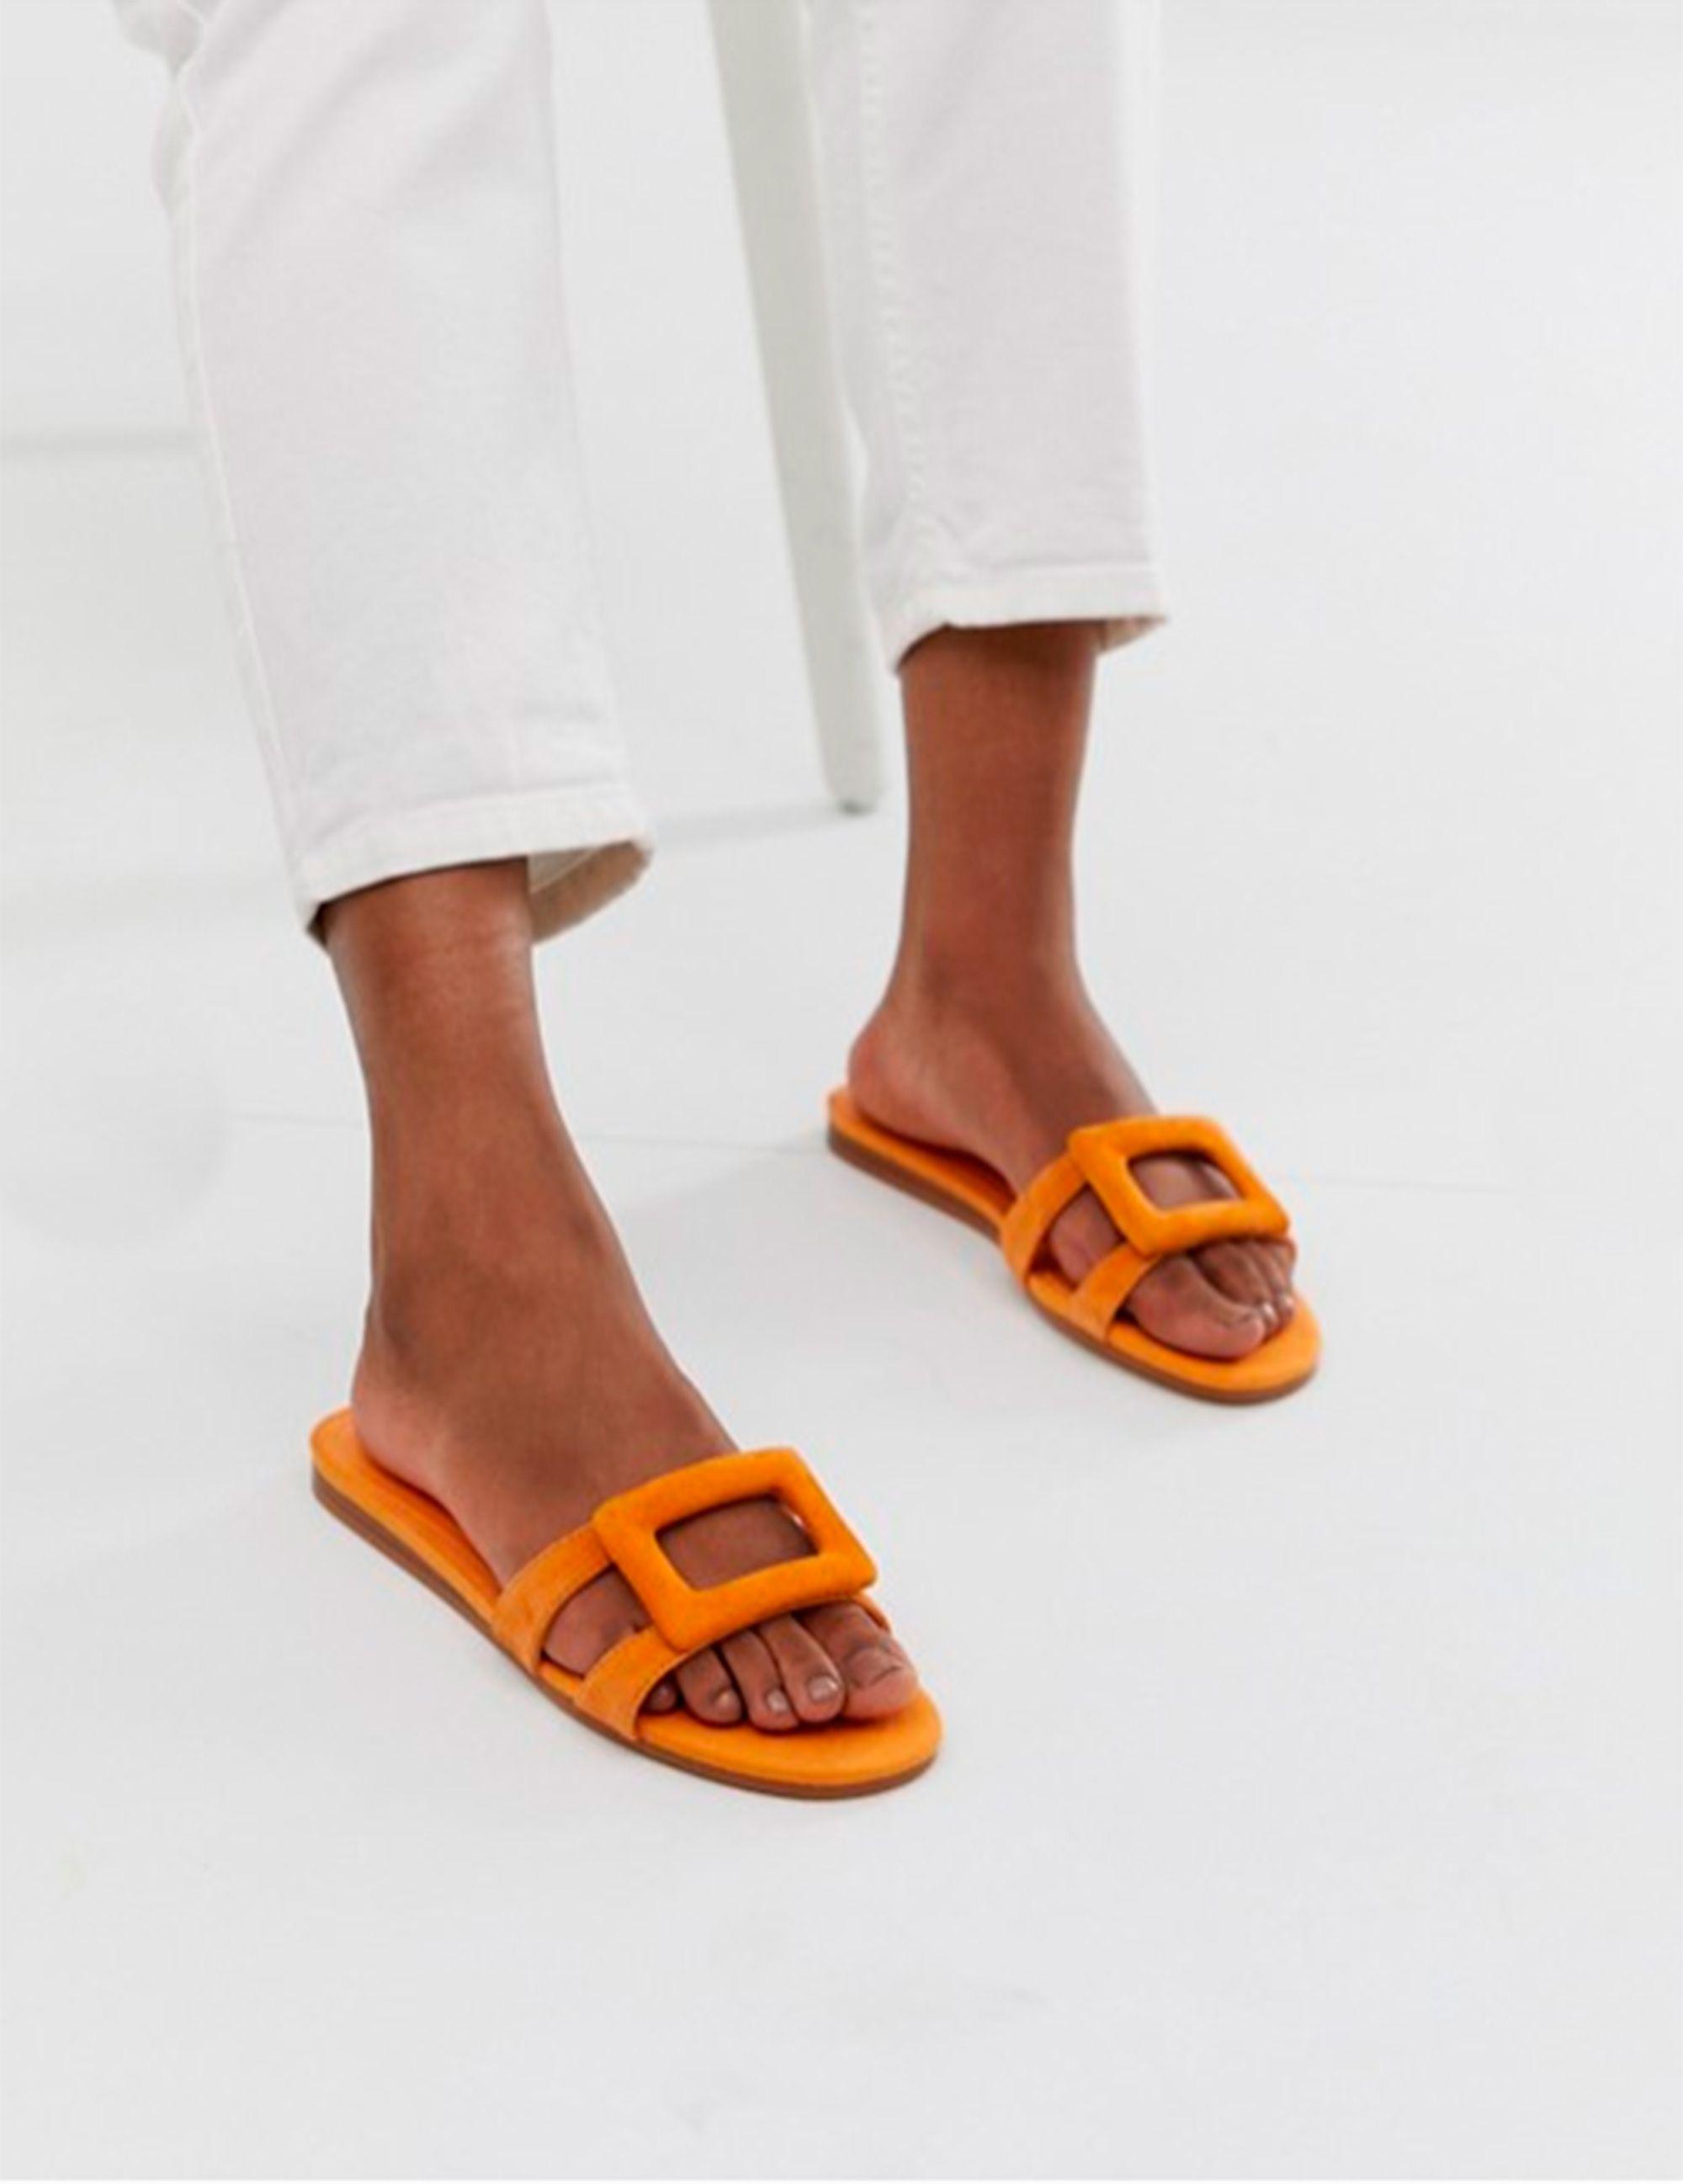 Sandalias Con Echevarría Paula Largo Vestido Y De Mango Planas I92EeWDYH